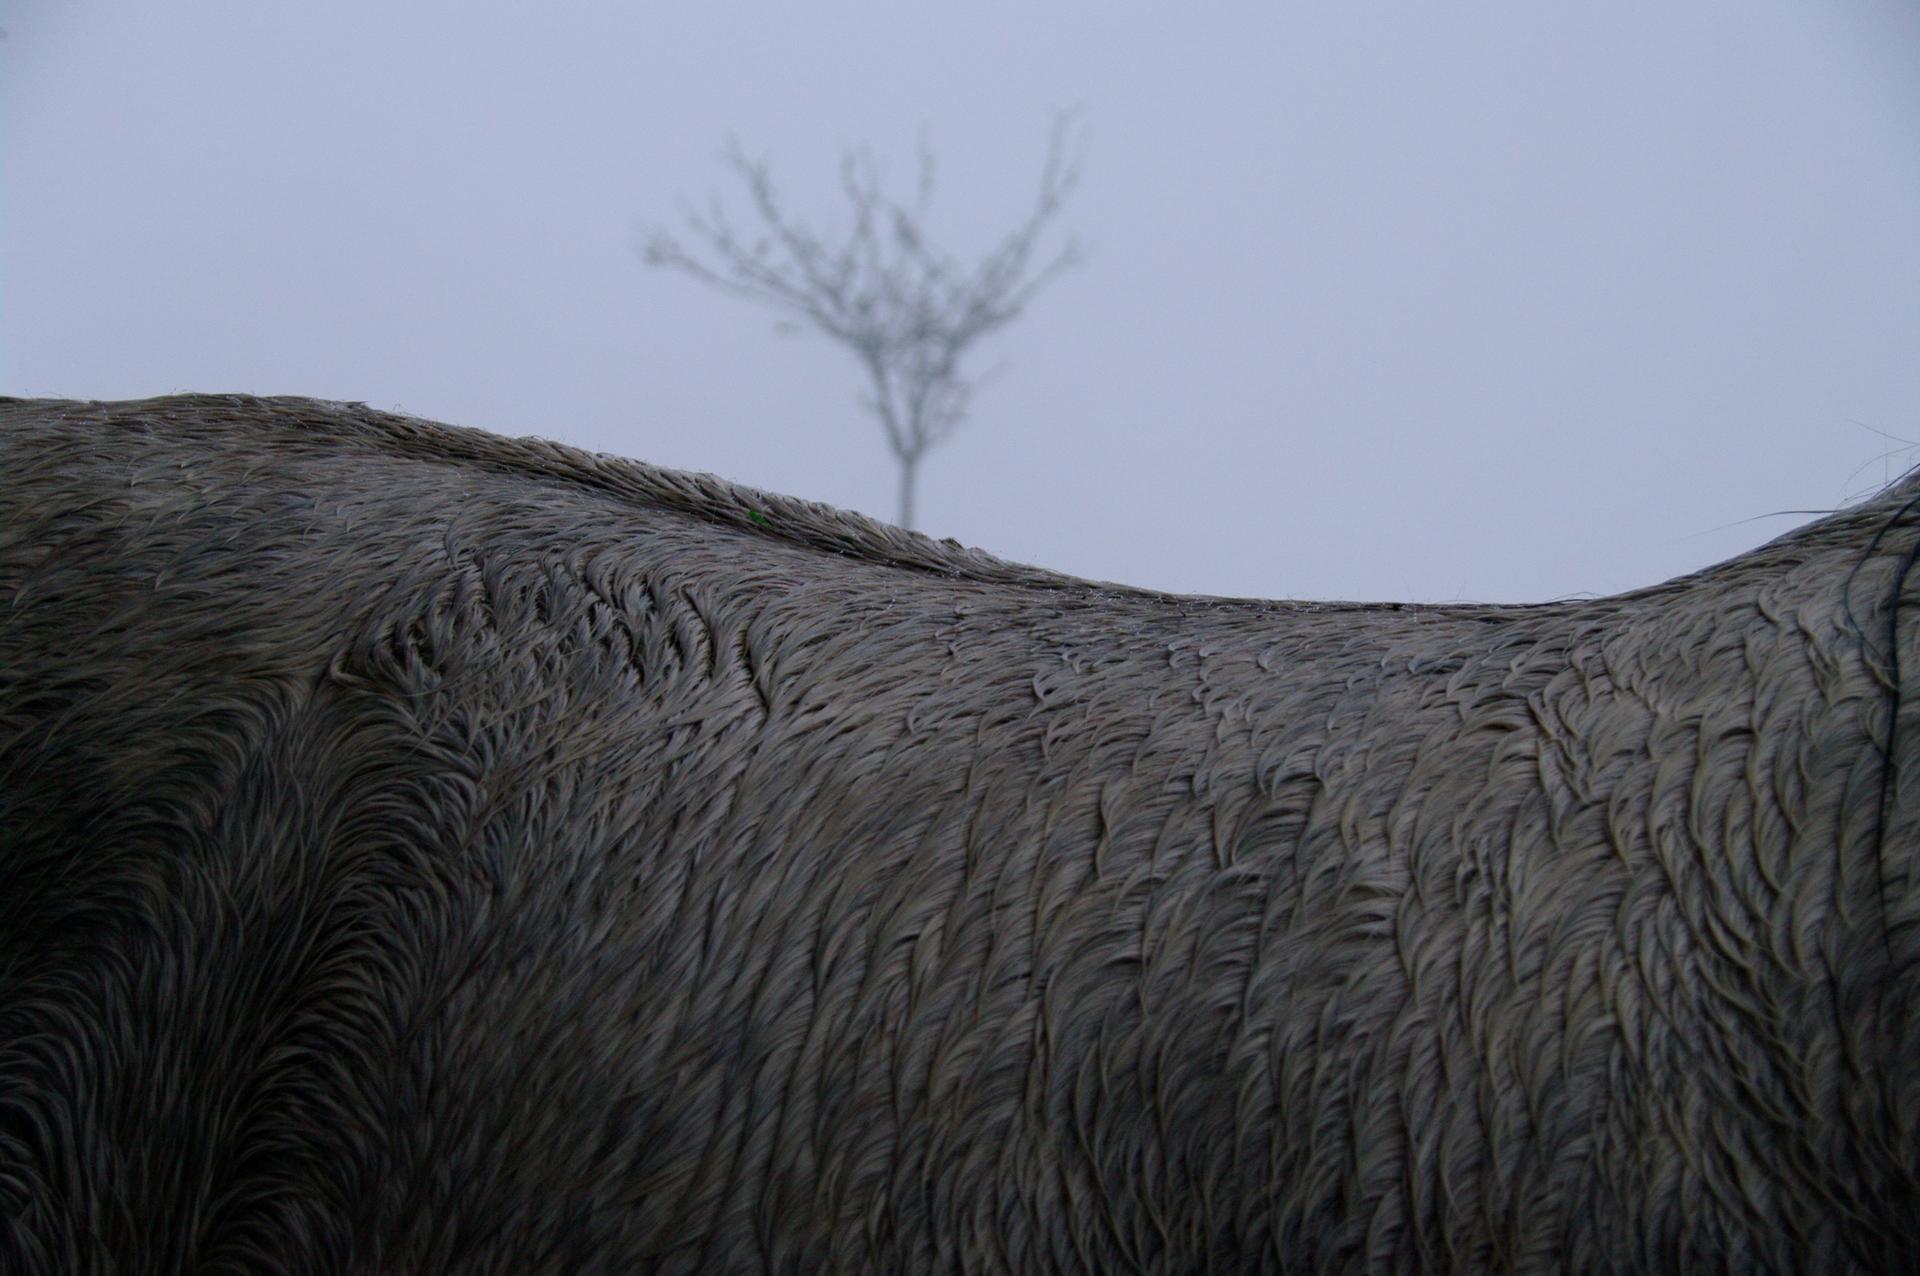 L'arbre et le cheval